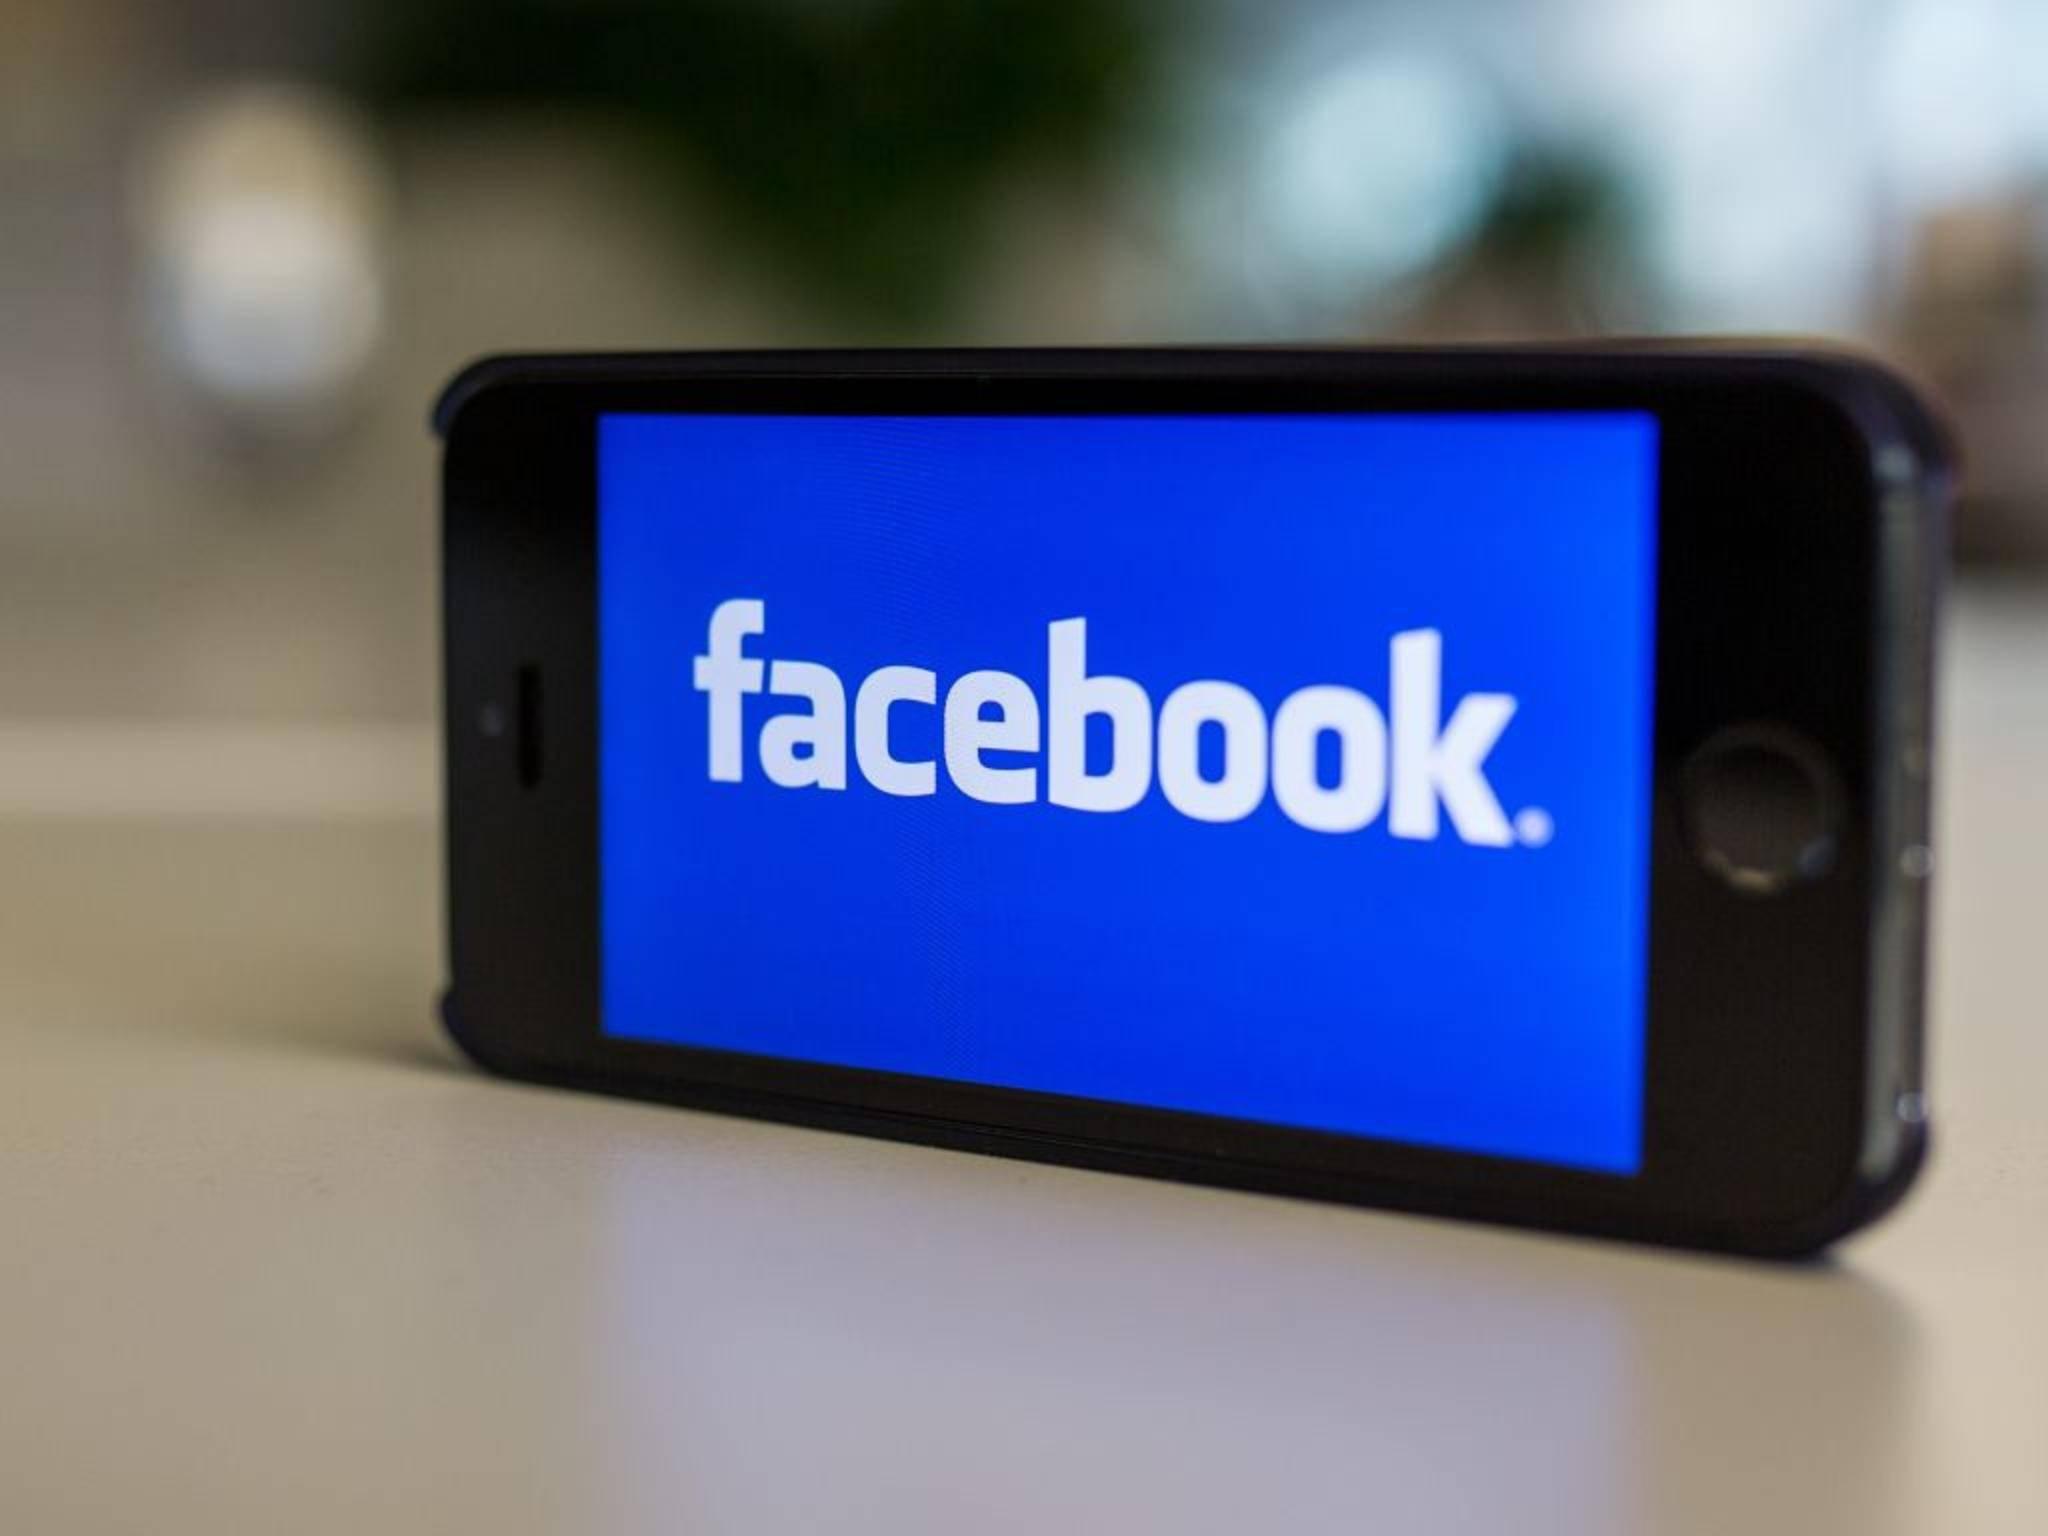 Nach Apple will auch Facebook ins Musik-Streaming-Geschäft einsteigen.